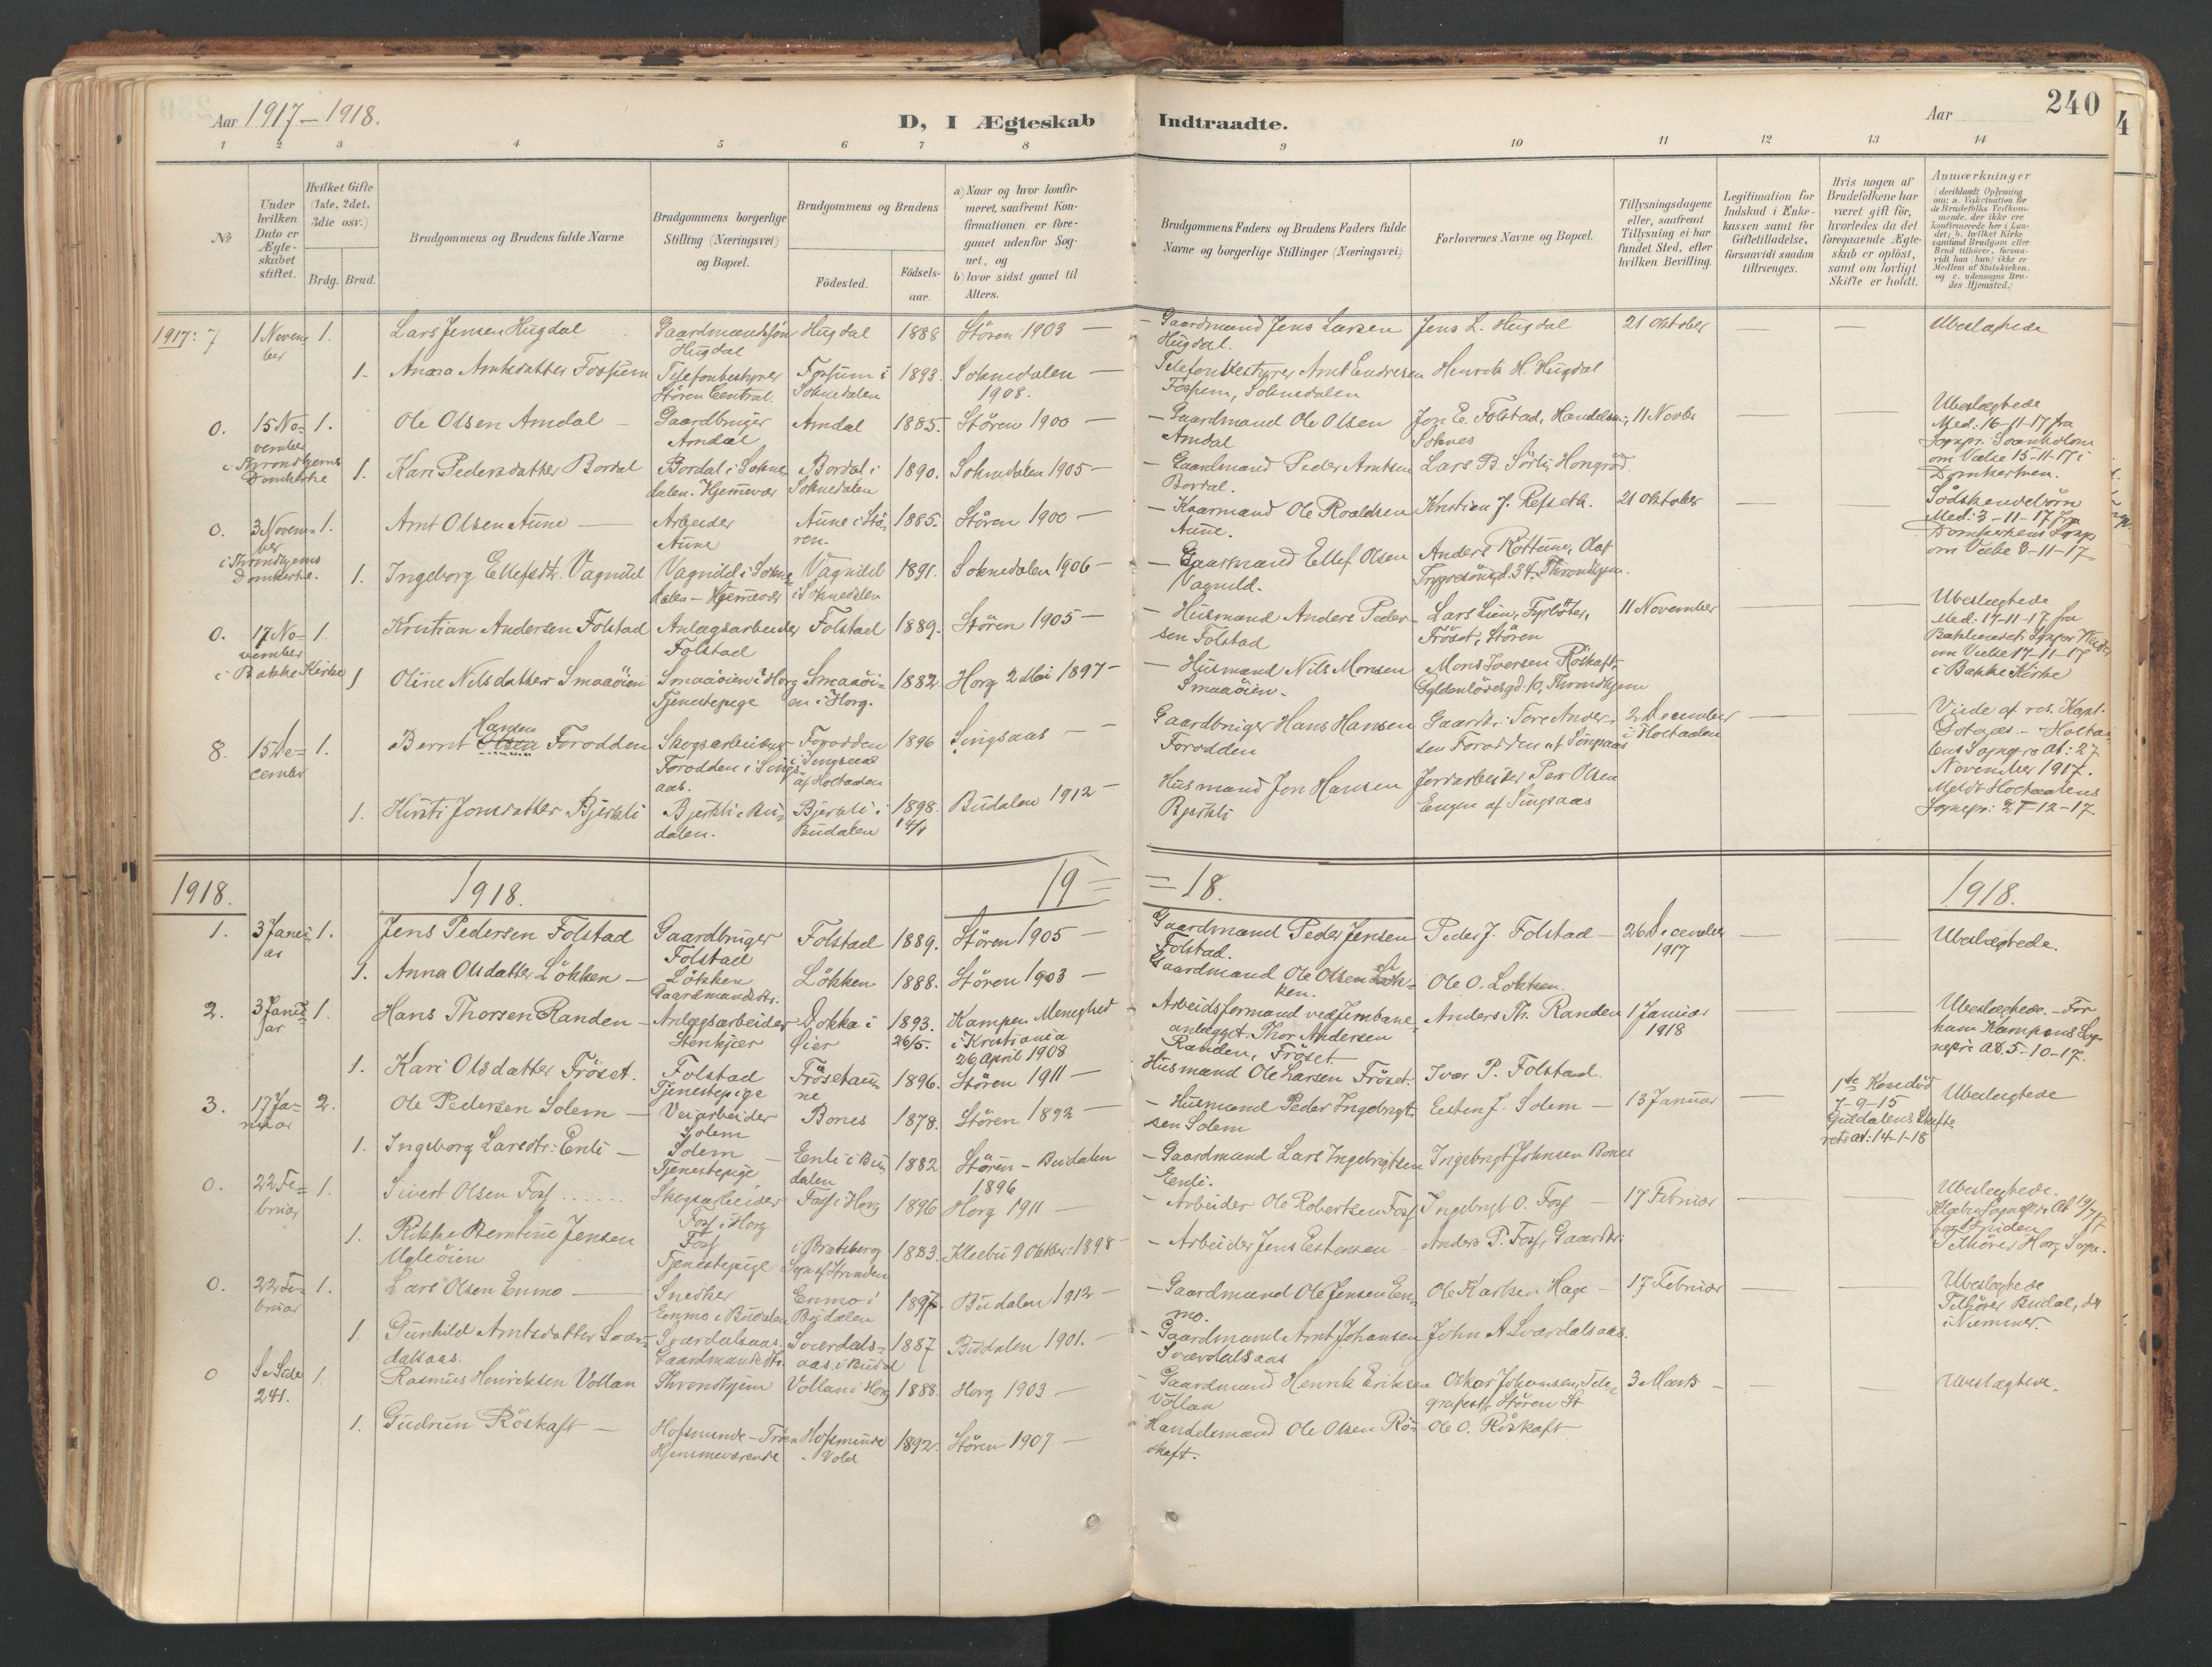 SAT, Ministerialprotokoller, klokkerbøker og fødselsregistre - Sør-Trøndelag, 687/L1004: Ministerialbok nr. 687A10, 1891-1923, s. 240